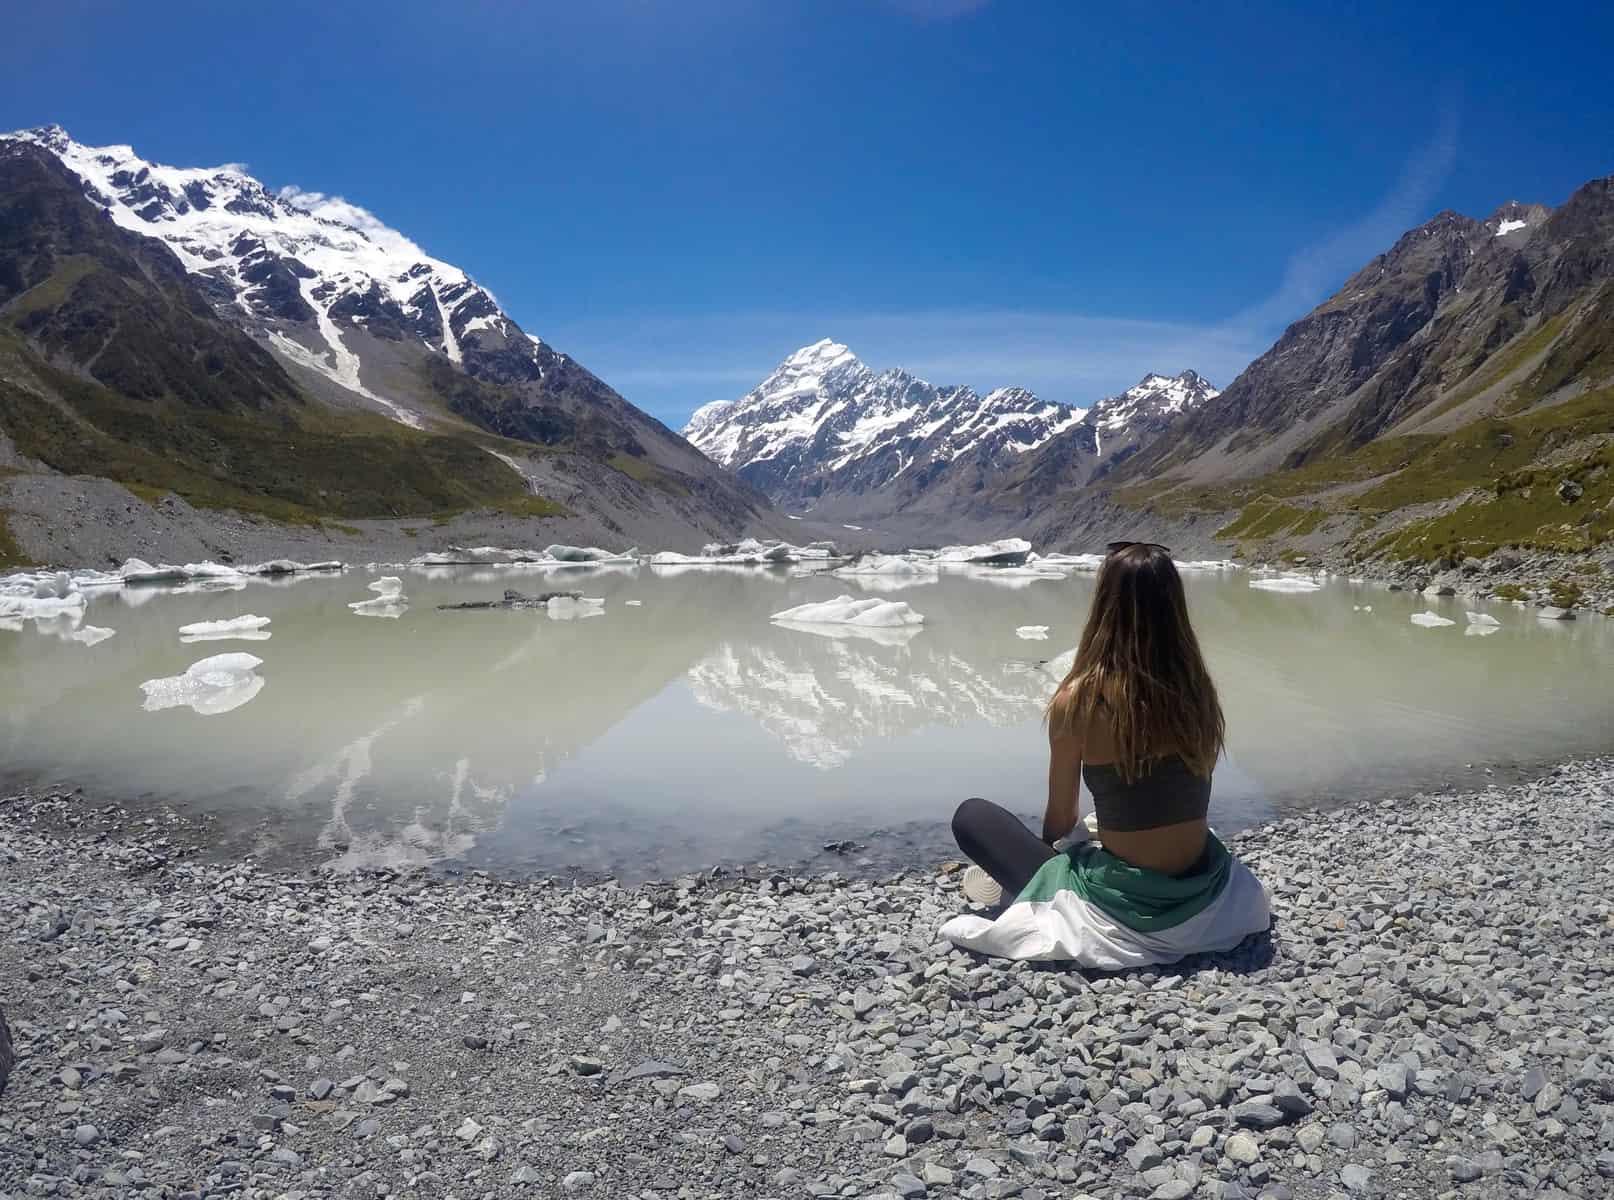 GOPR0379 - Wisata Gunung Terbaik di Selandia Baru, Buat Mata Terpesona!